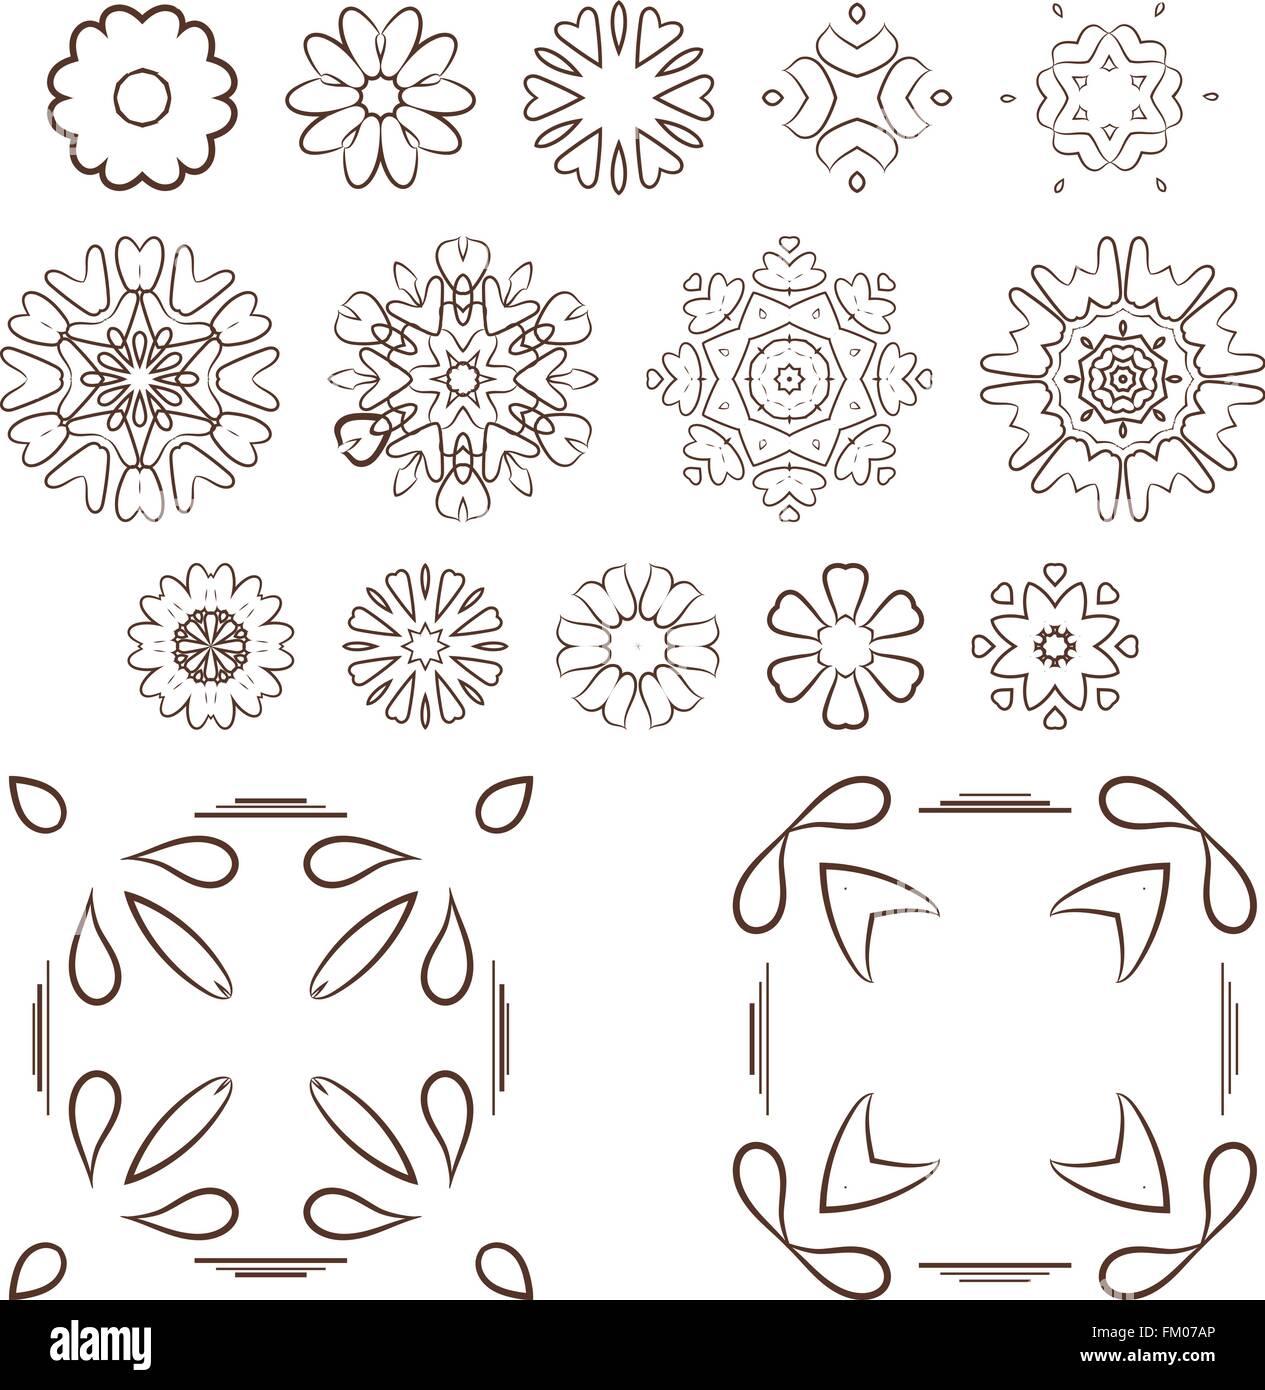 vector set of abstract floral and circular patterns mandalas stock